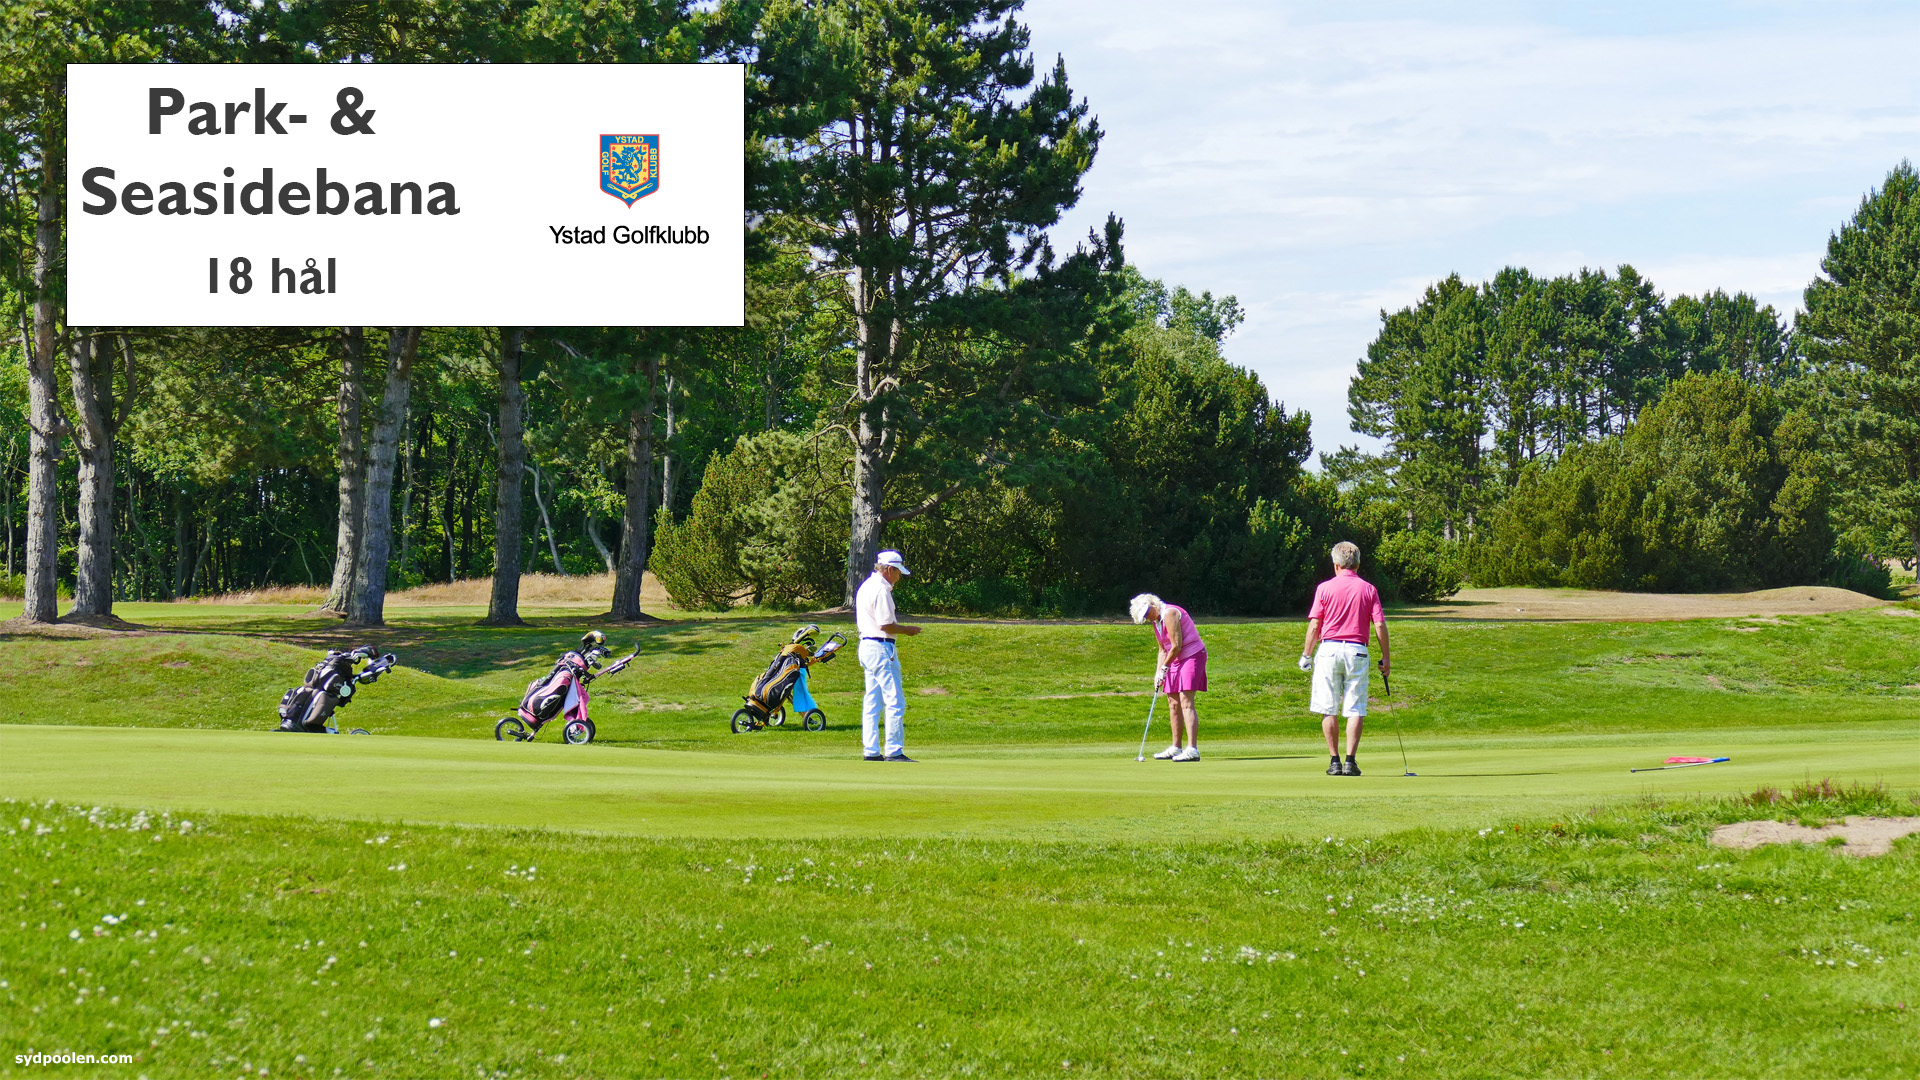 Ystad Golfklubb